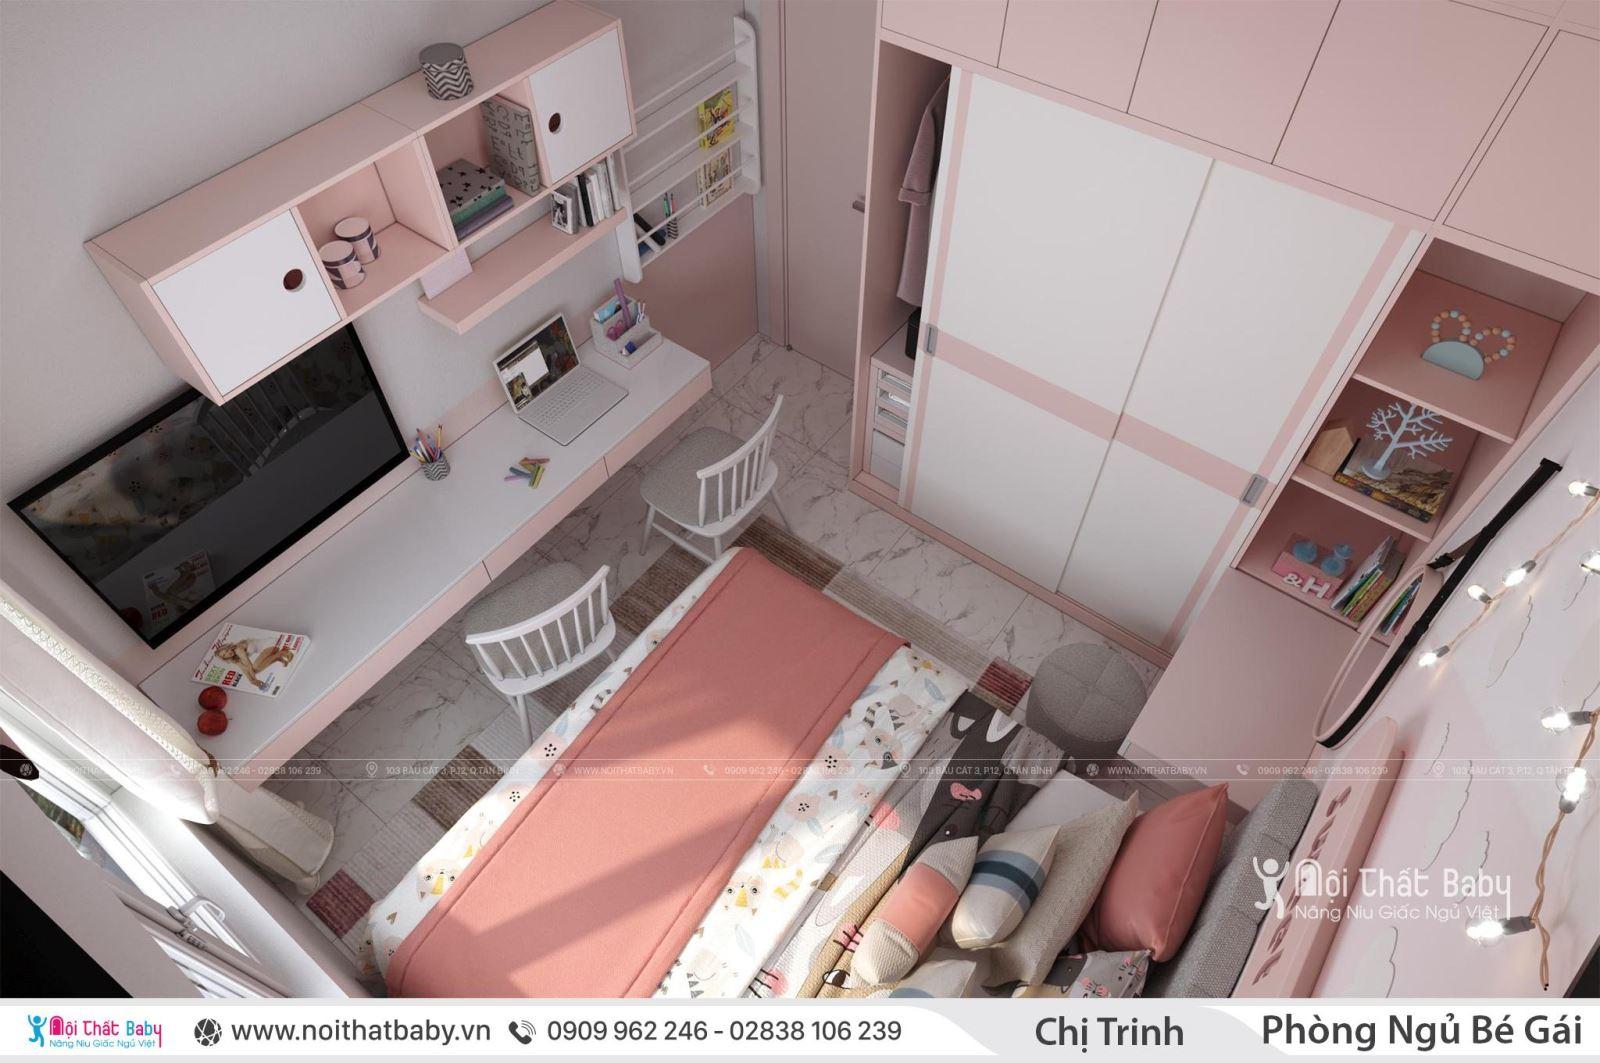 Phòng ngủ bé gái màu hồng cực kì xinh xắn